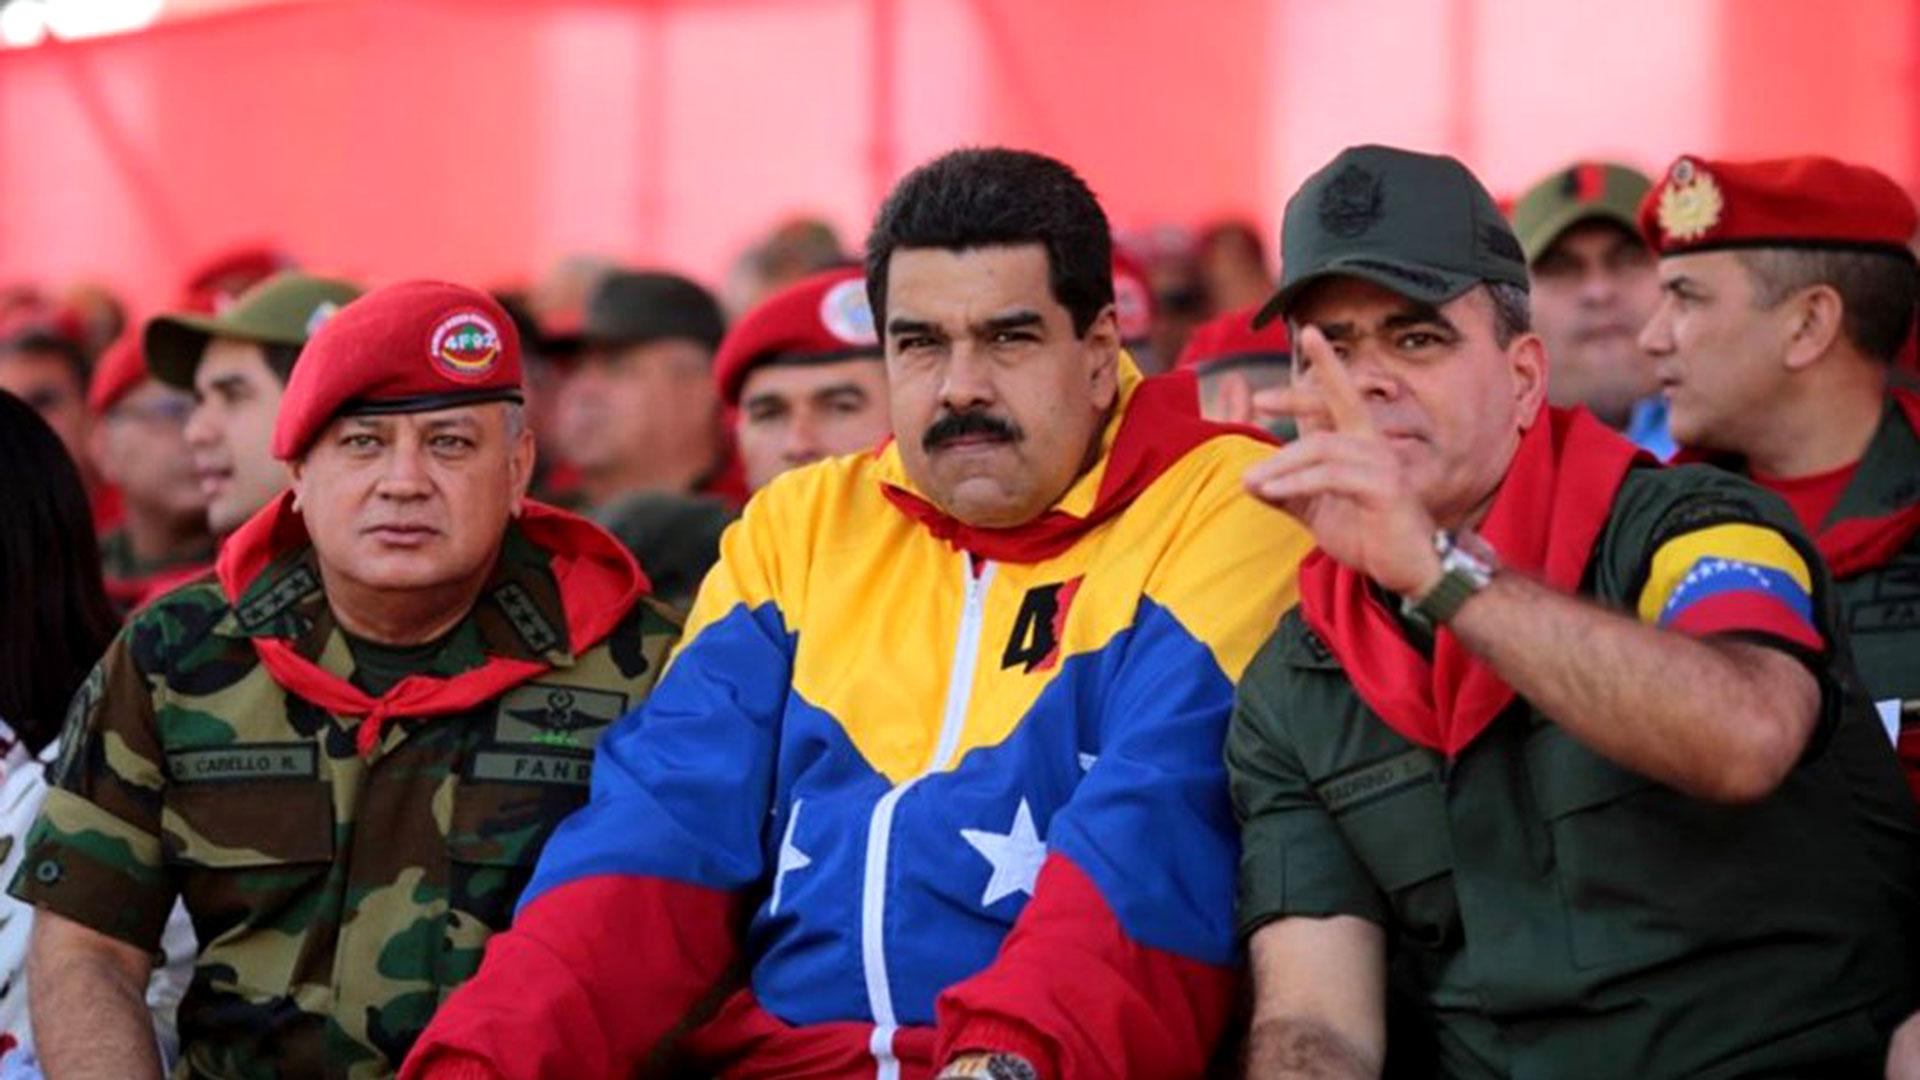 La Corte Penal Internacional determinó que la dictadura de Maduro cometió crímenes de lesa humanidad en Venezuela